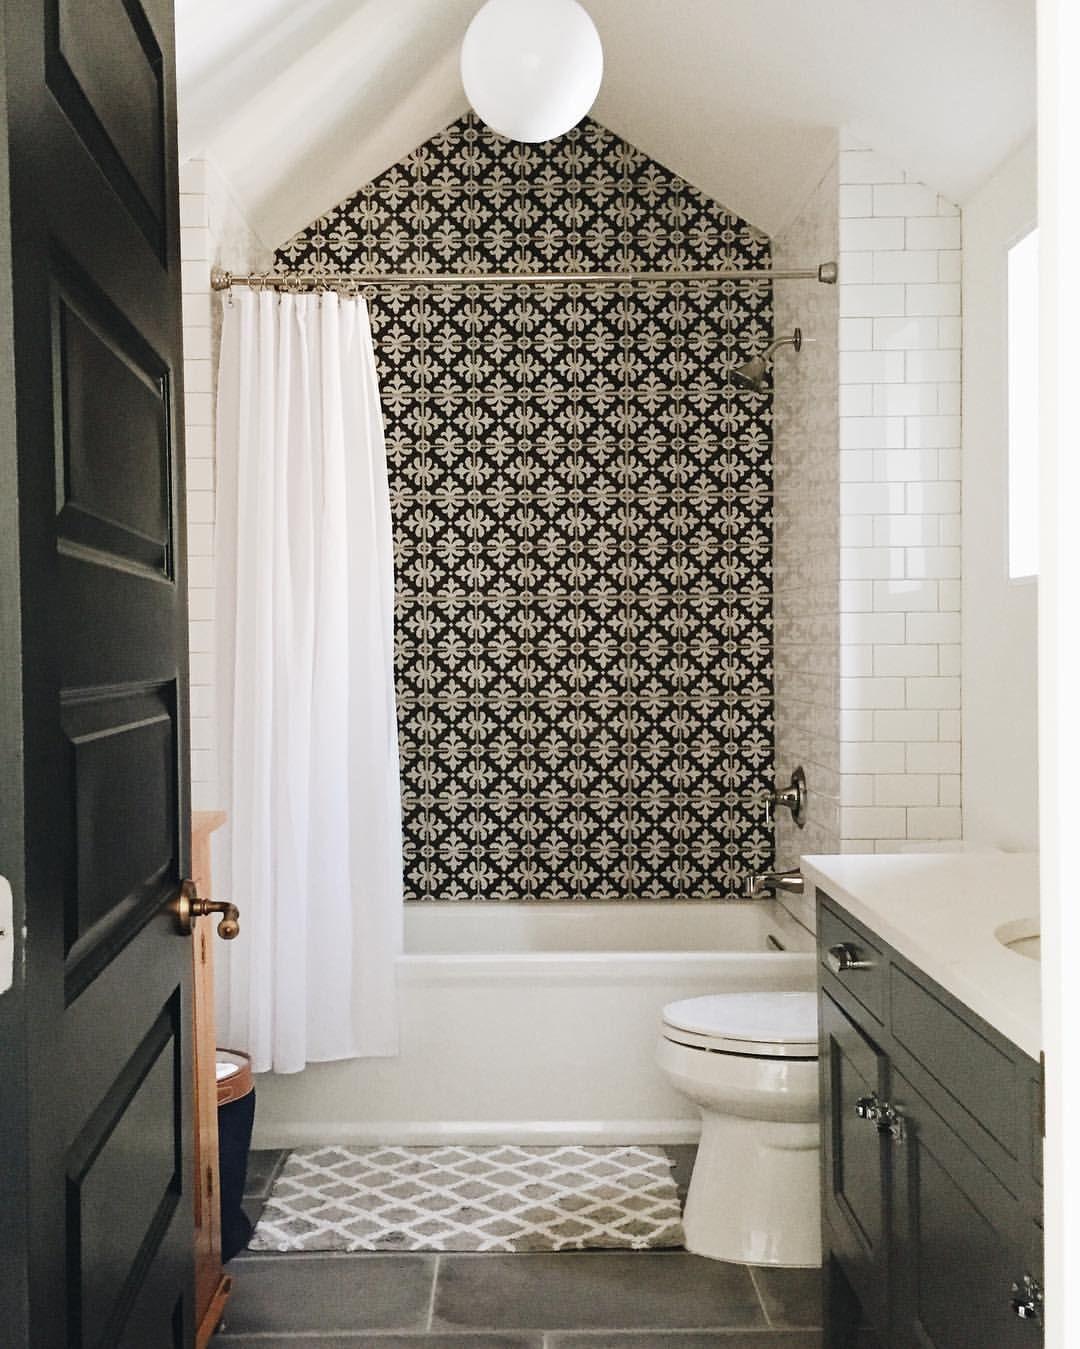 15+ Luxury Bathroom Tile Patterns Ideas   Tile patterns, Bathroom ...